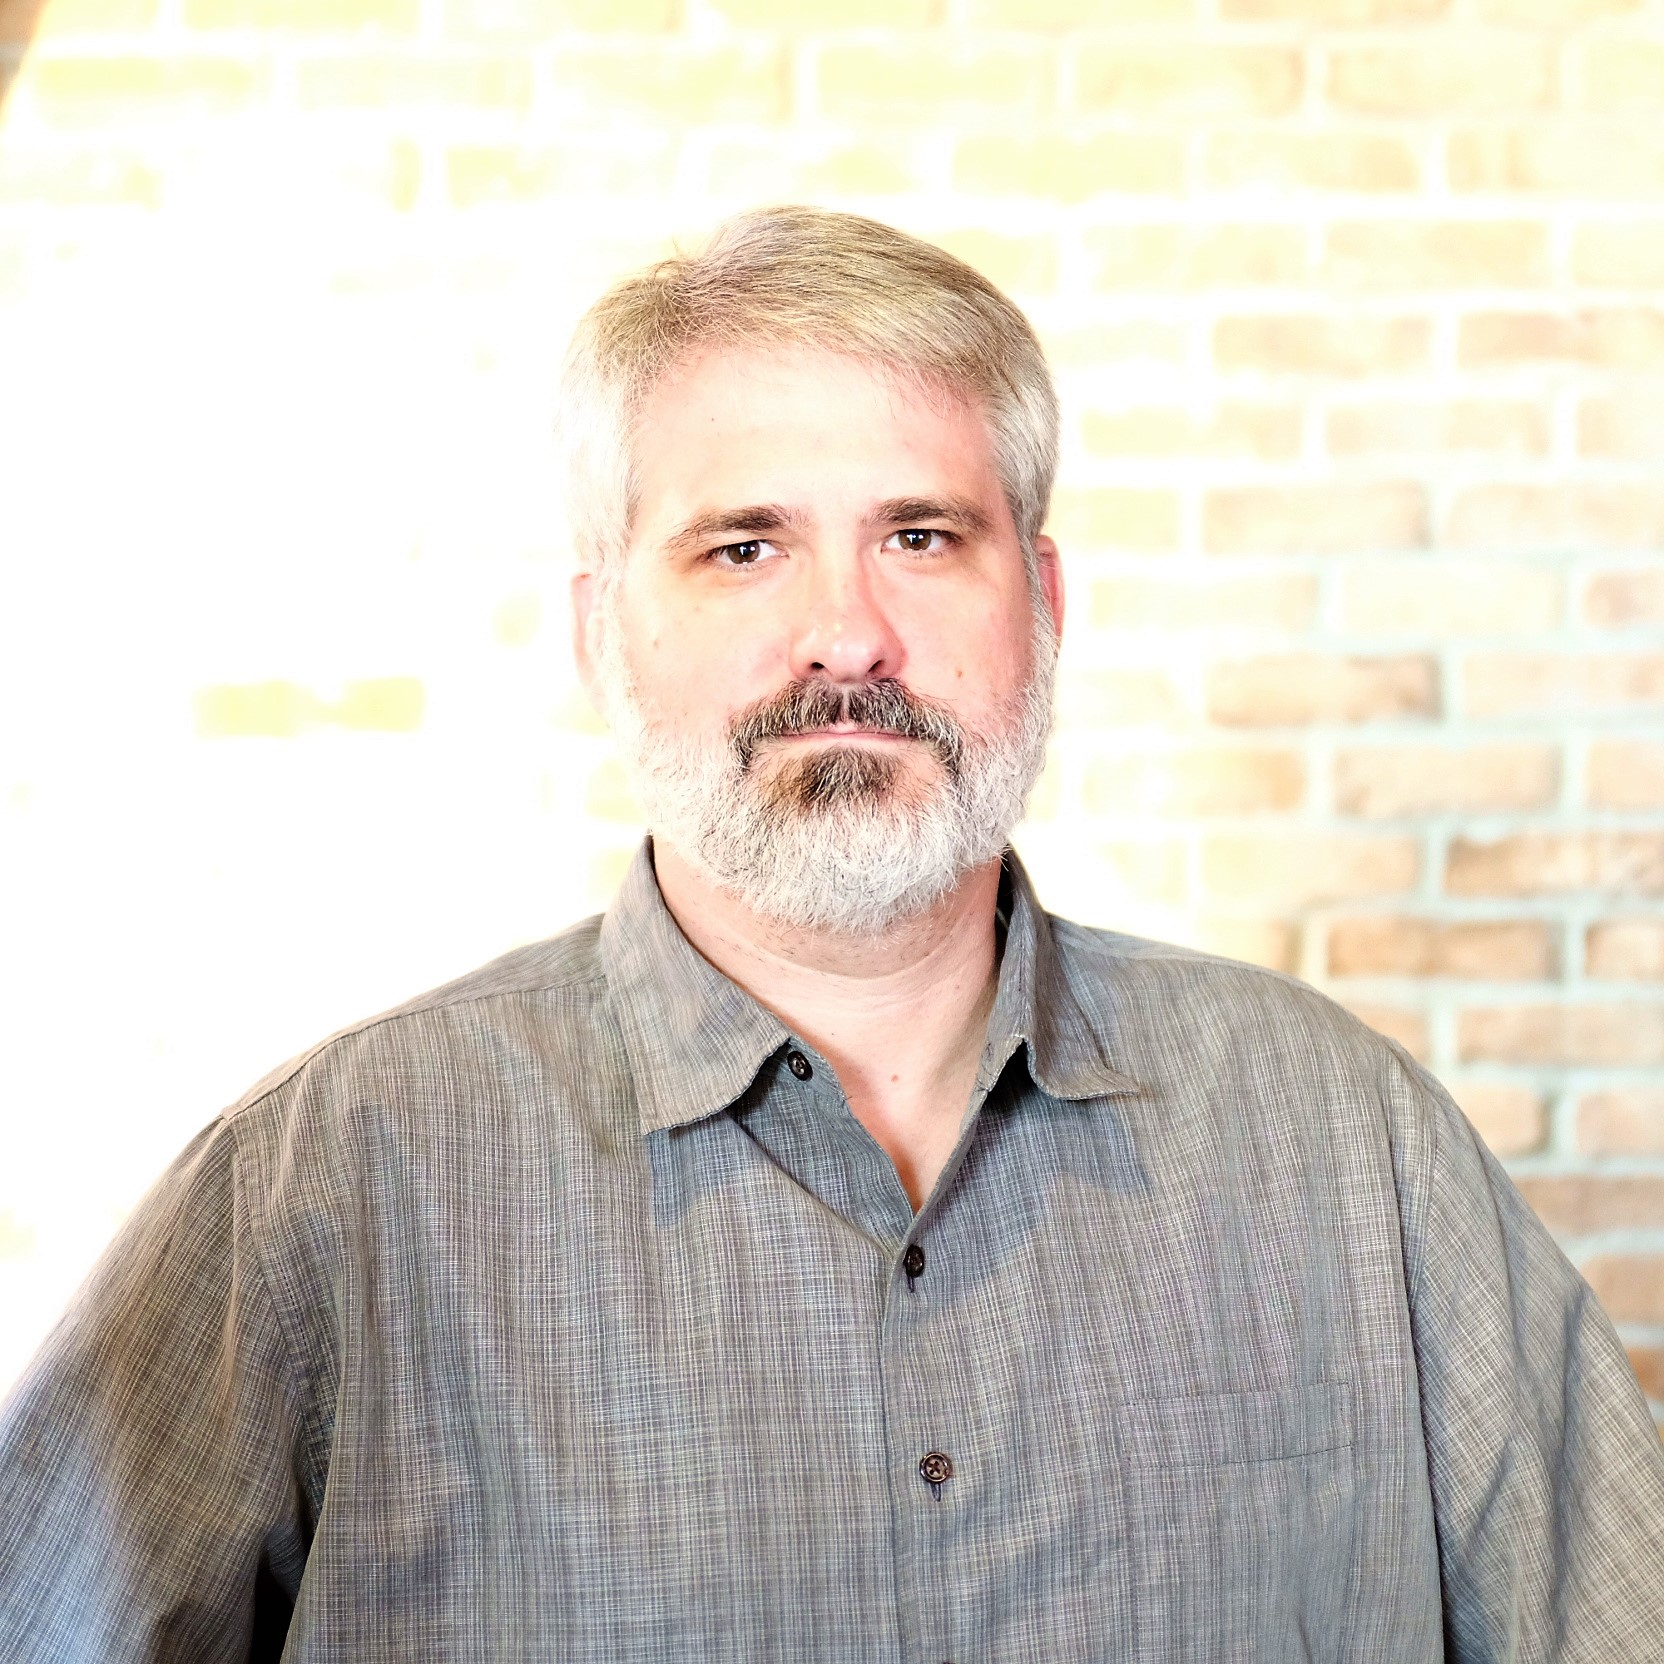 John Livingston